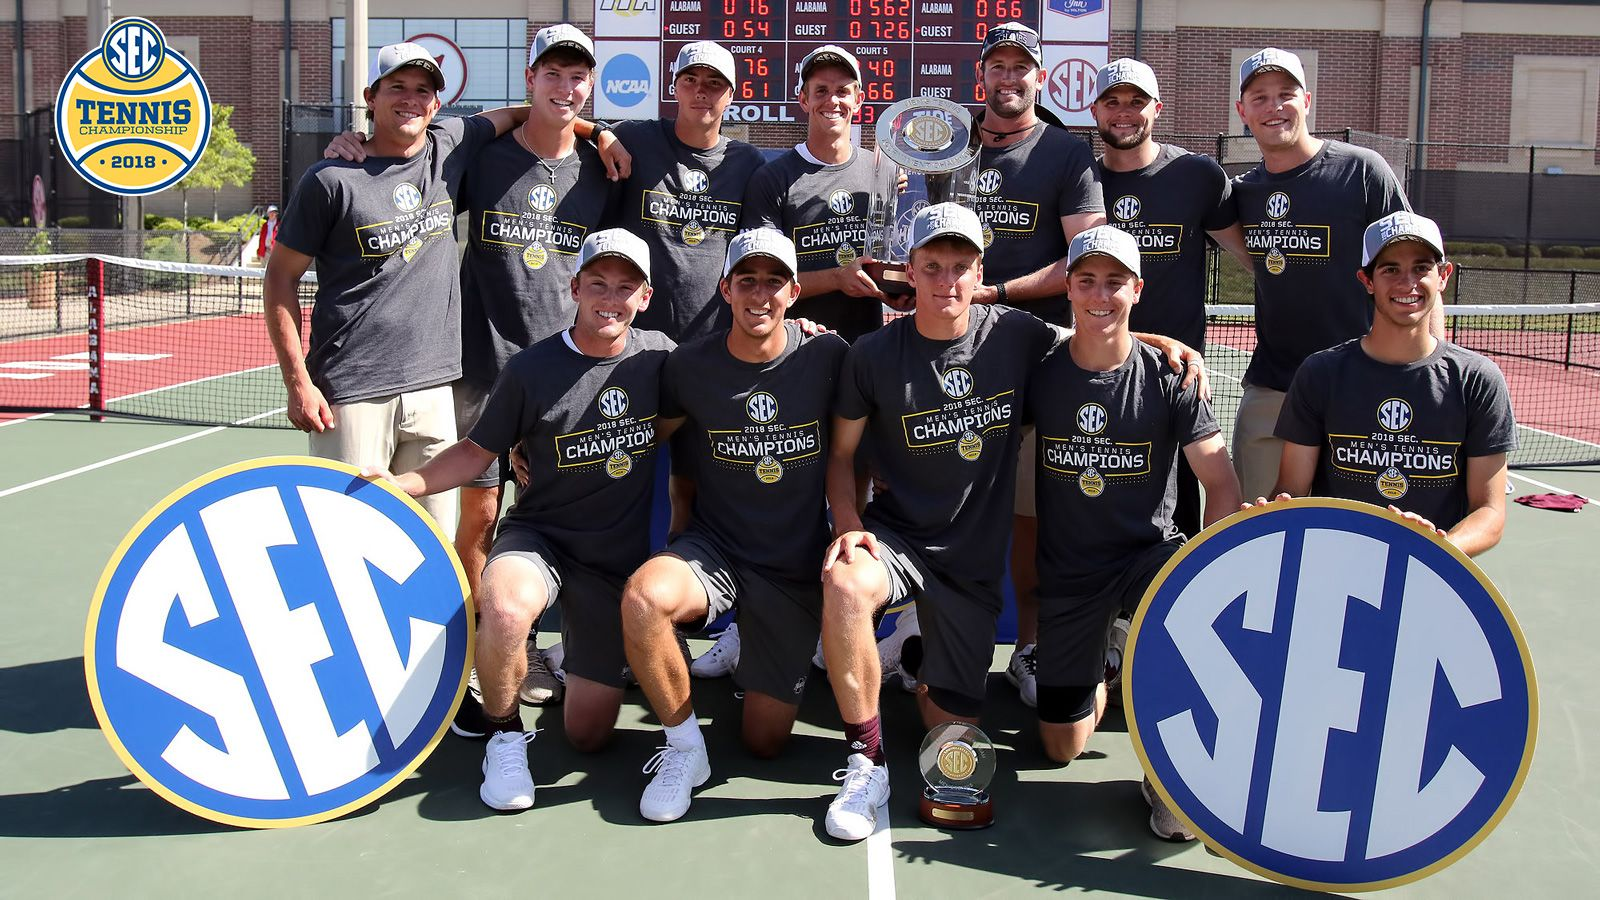 2018 Sec Men S Tennis Tournament